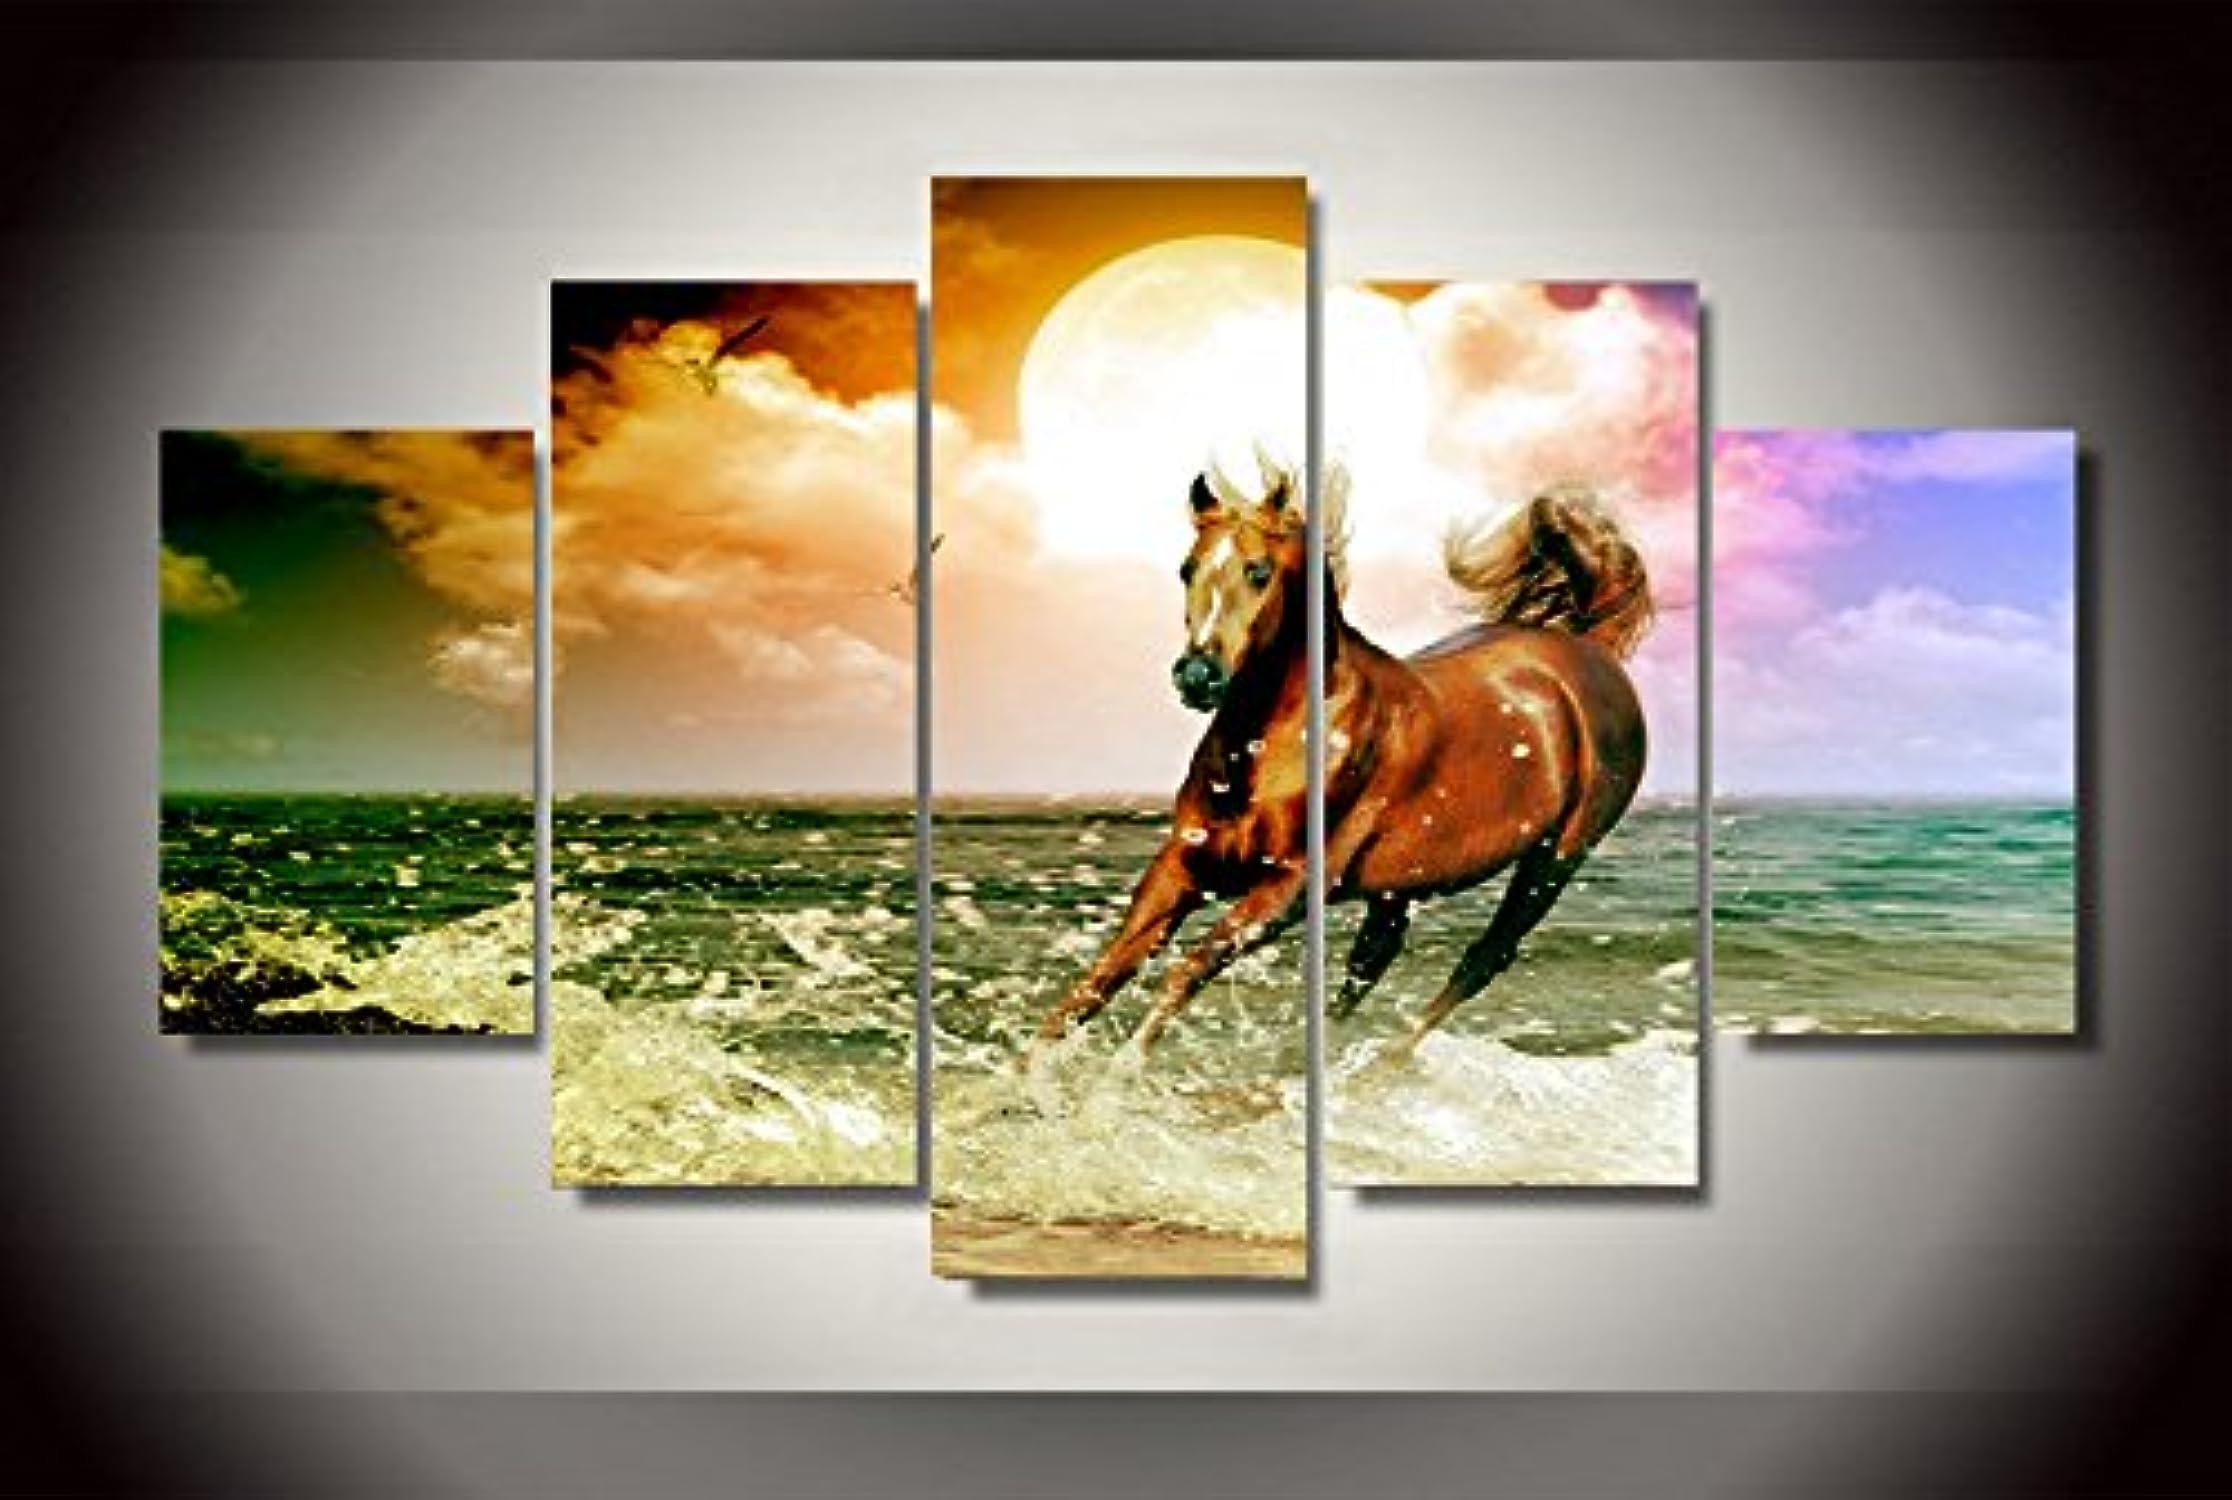 Impresión de alta definición 5pcs caballo de Lienzo pintura moderna decoración para el hogar para la parojo Art sala de estar Decor pintura impresión sobre lienzo pt0302, Framed, Medium